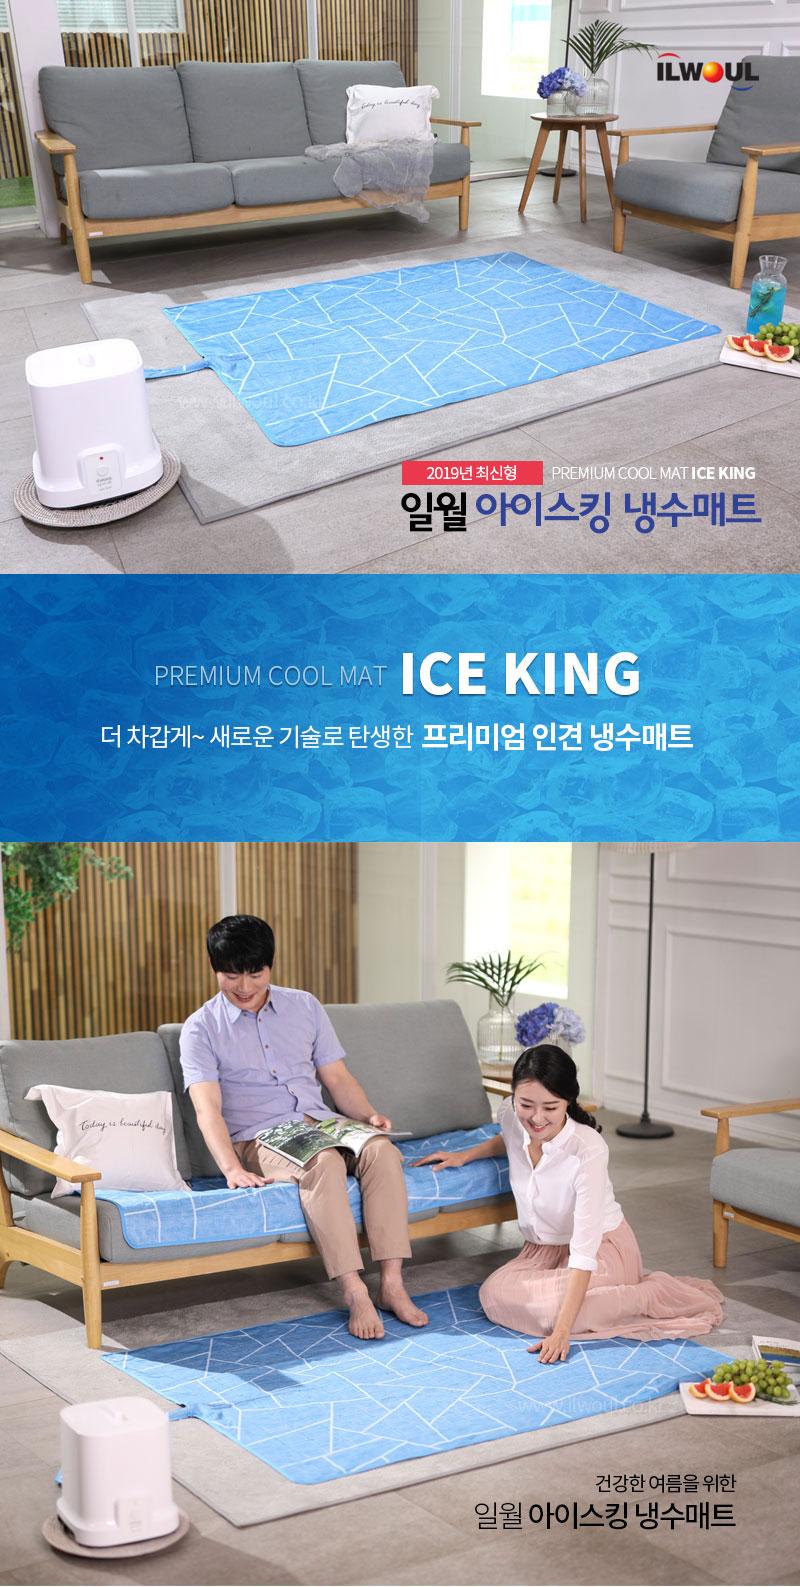 일월아이스킹냉수매트